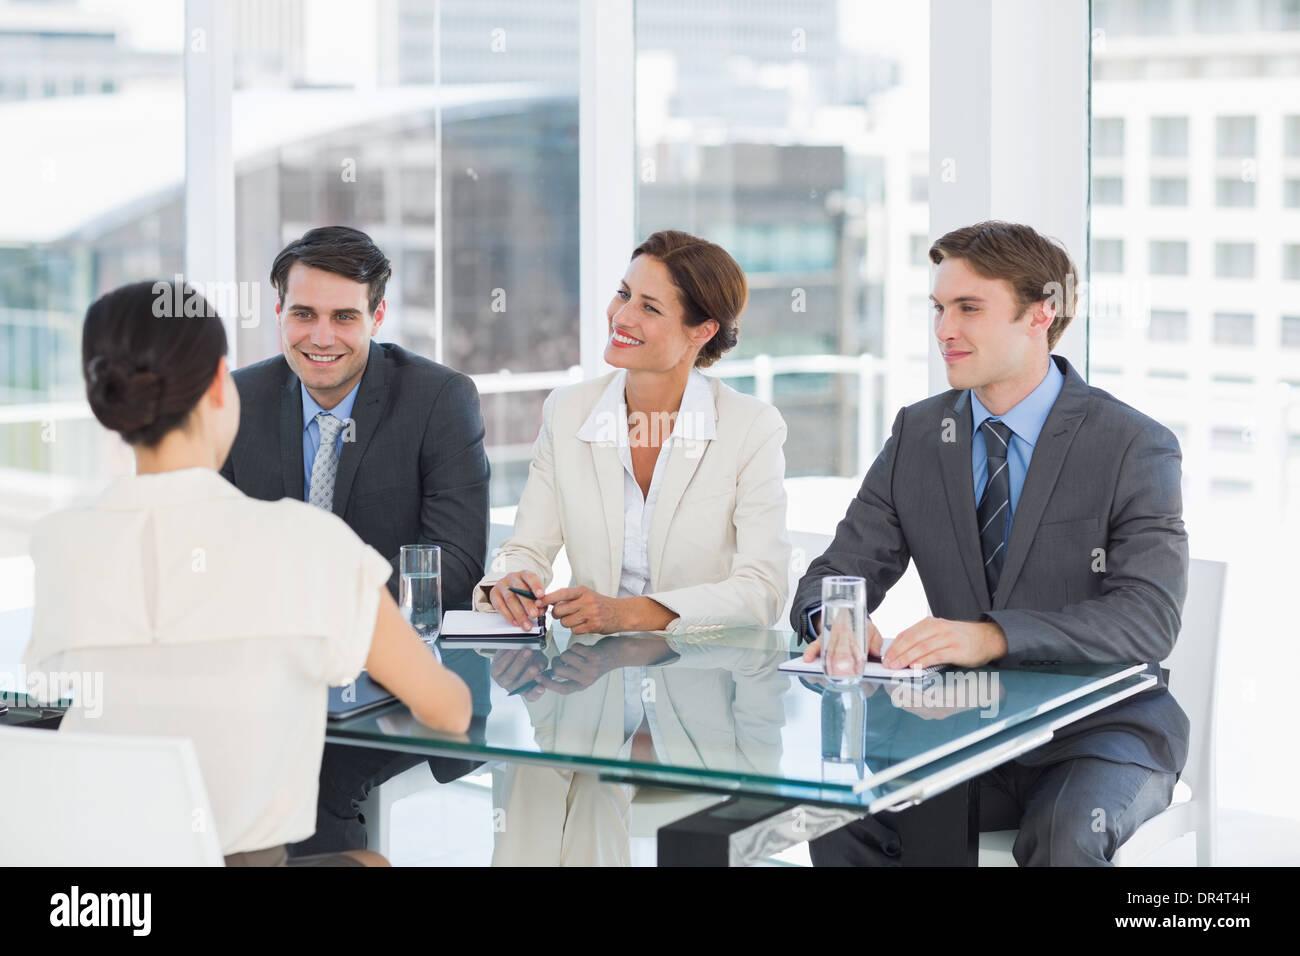 Los reclutadores comprobando el candidato durante una entrevista de trabajo Imagen De Stock